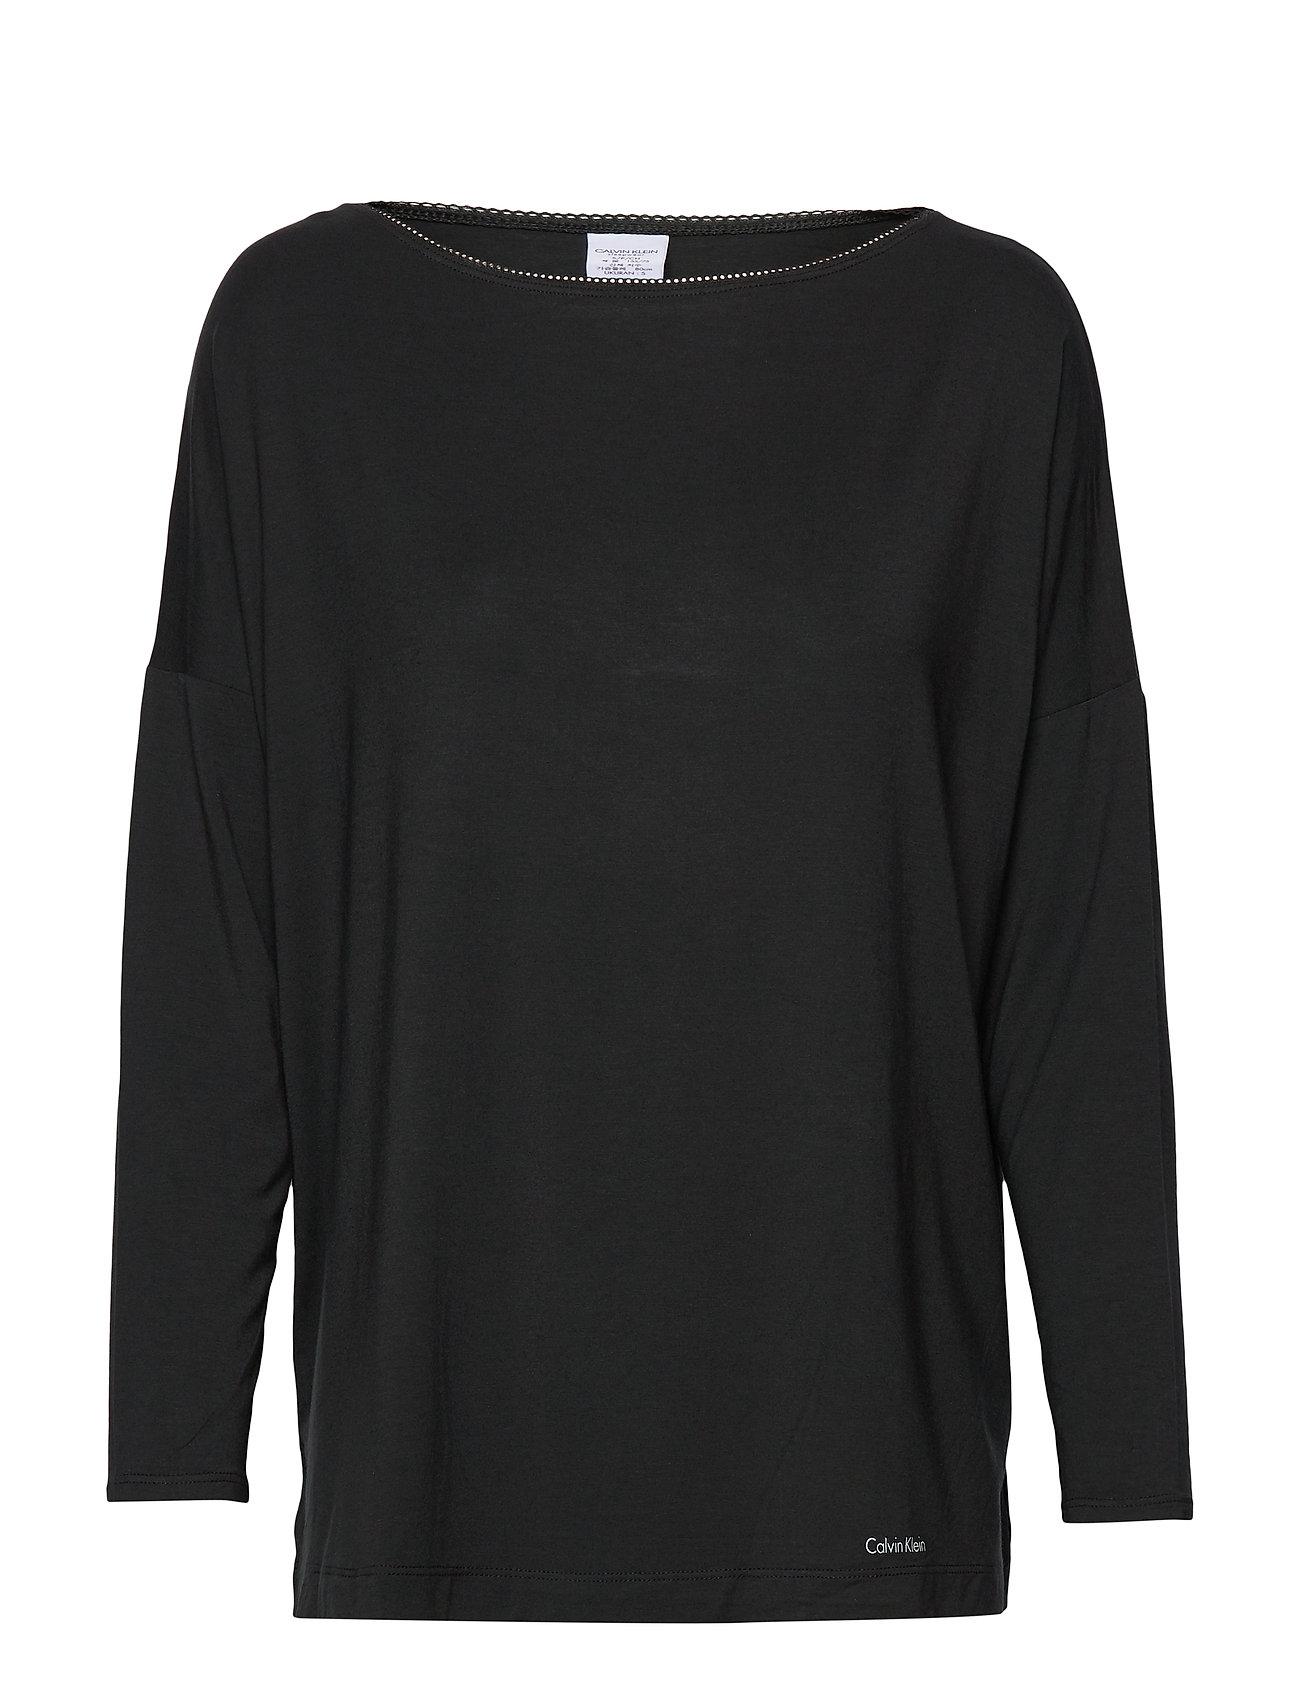 Calvin Klein L/S WIDE NECK - BLACK